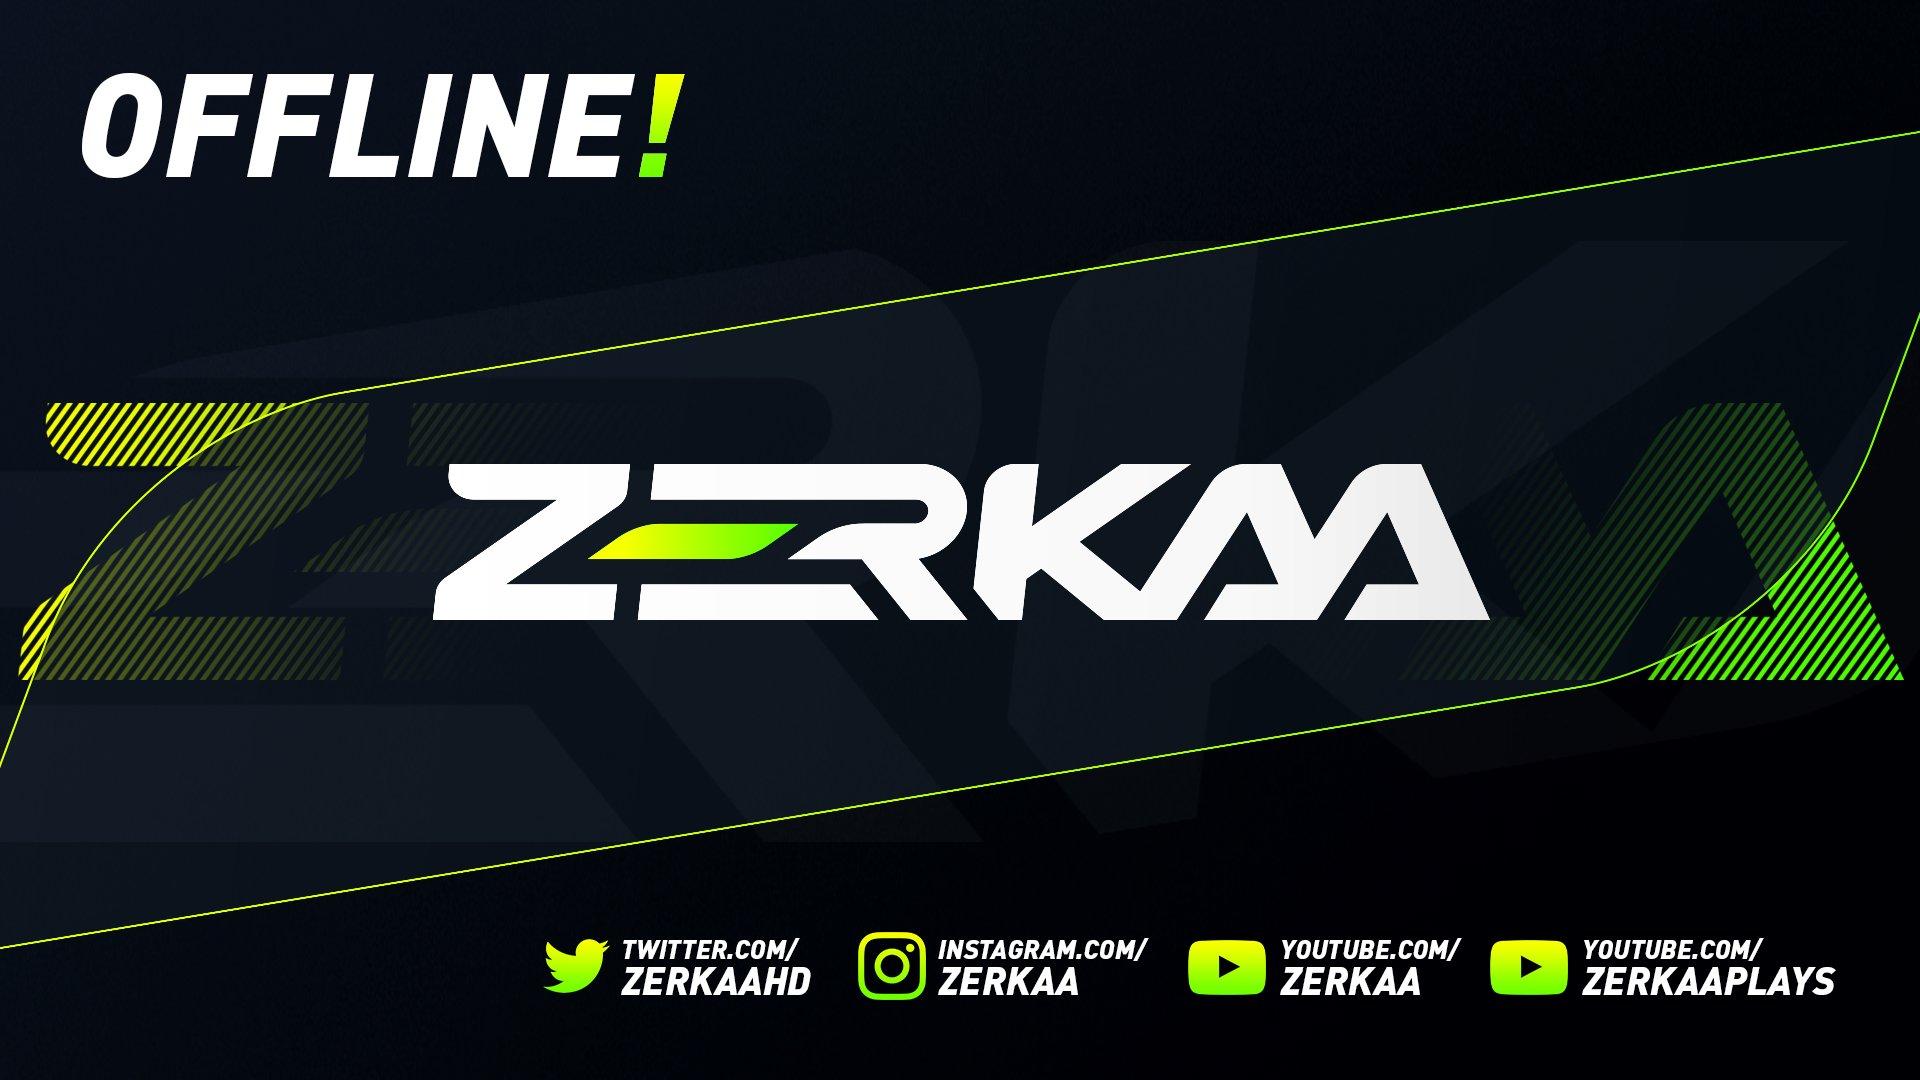 Twitch stream of Zerkaa